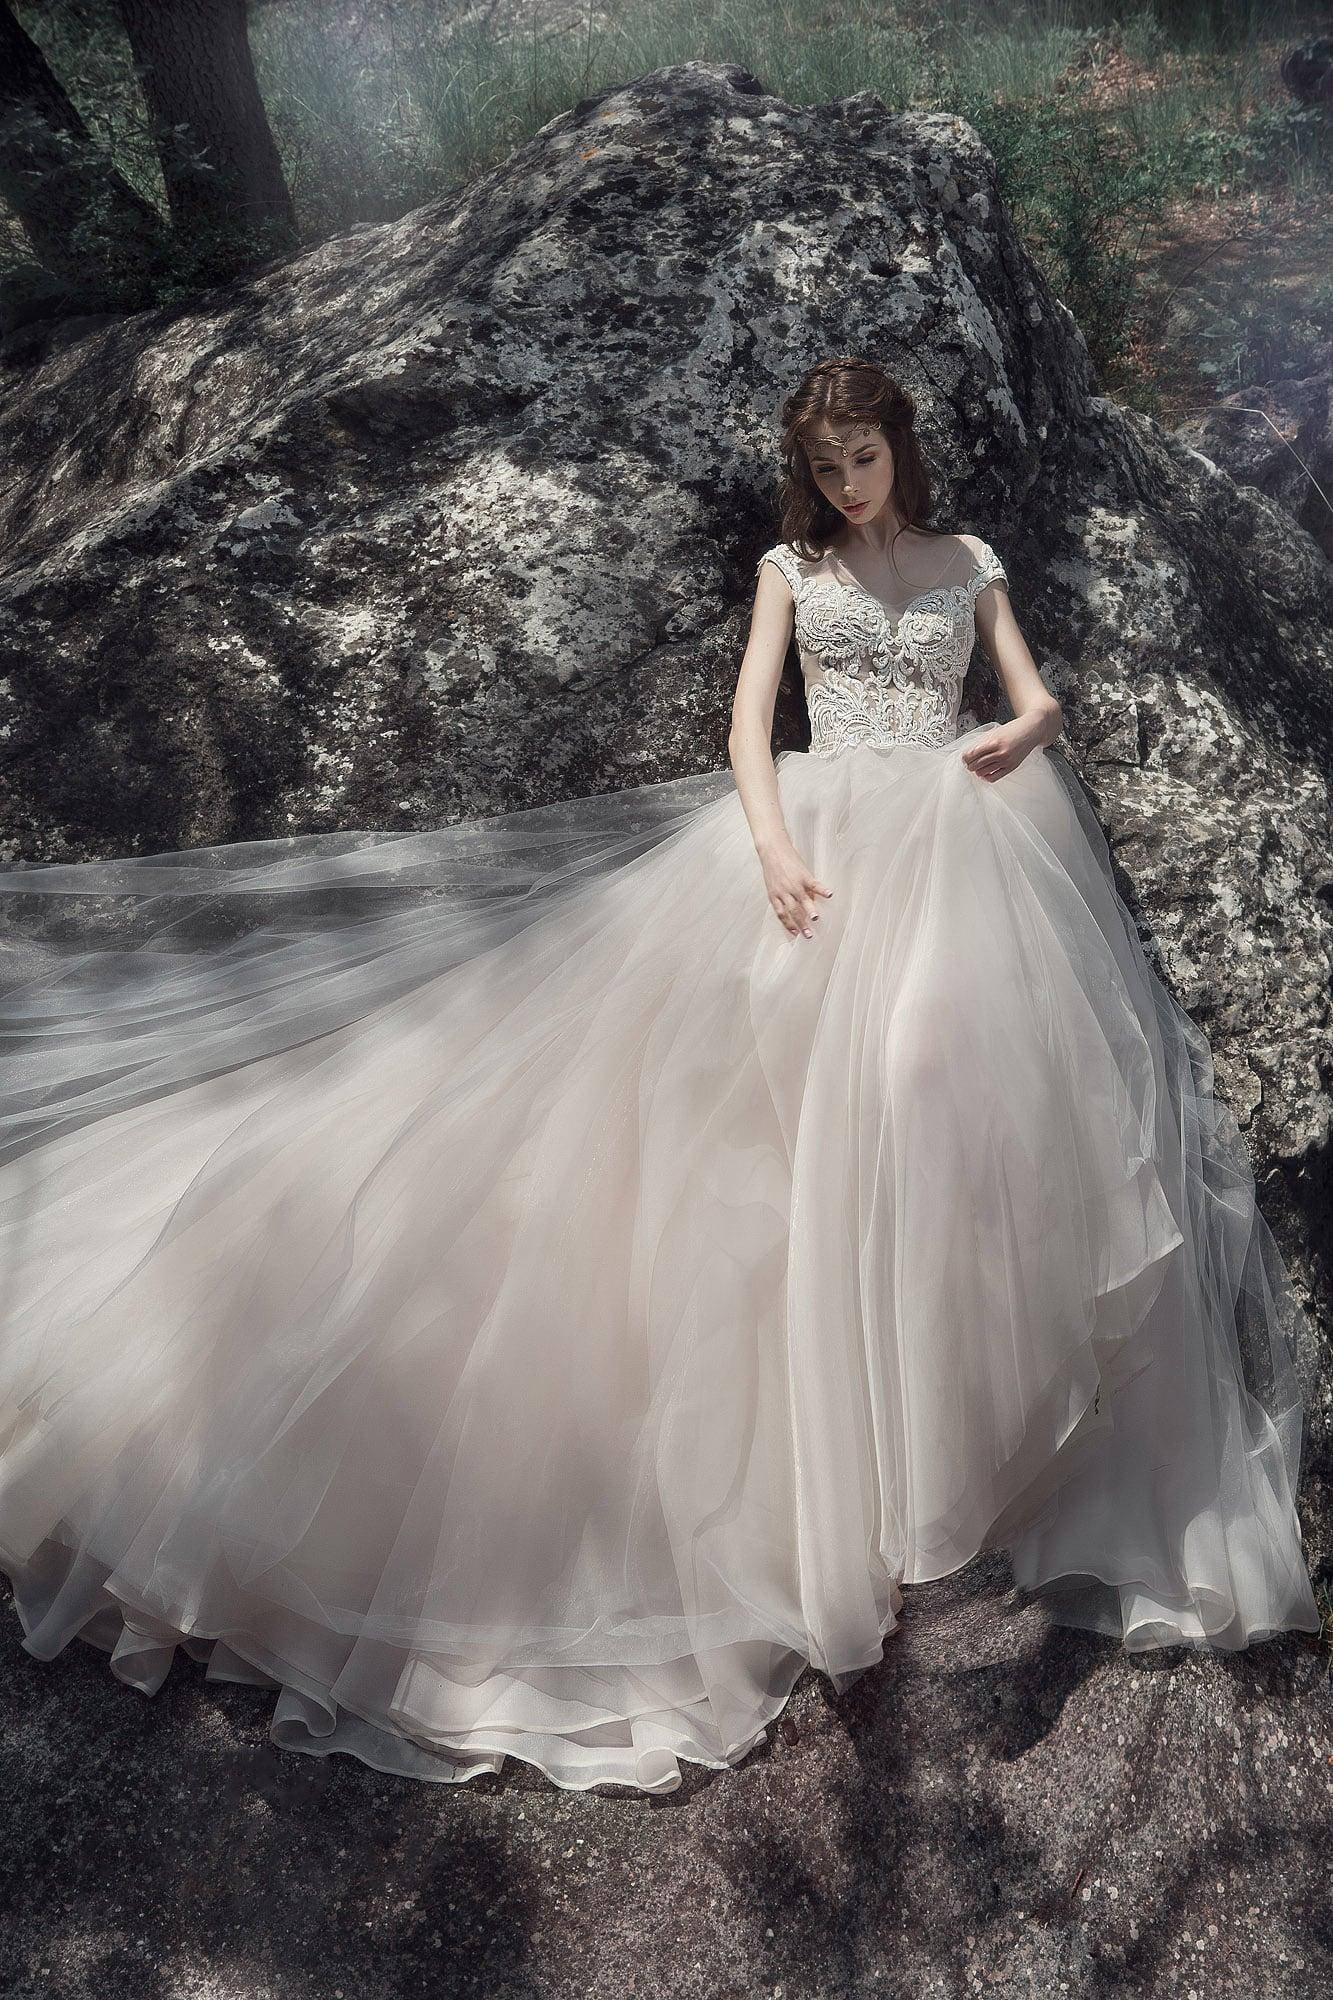 Пышное свадебное платье с полупрозрачным кружевным верхом.